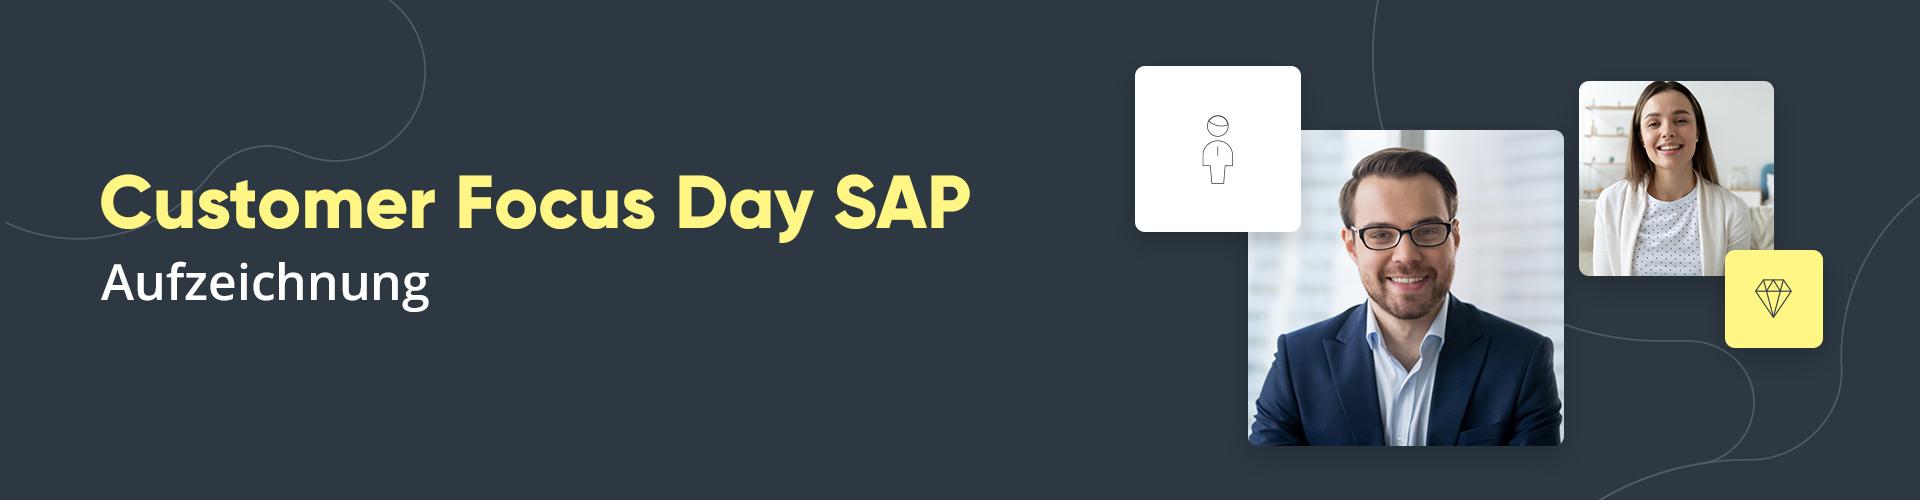 valantic-customer-focus-day-sap-aufzeichnung